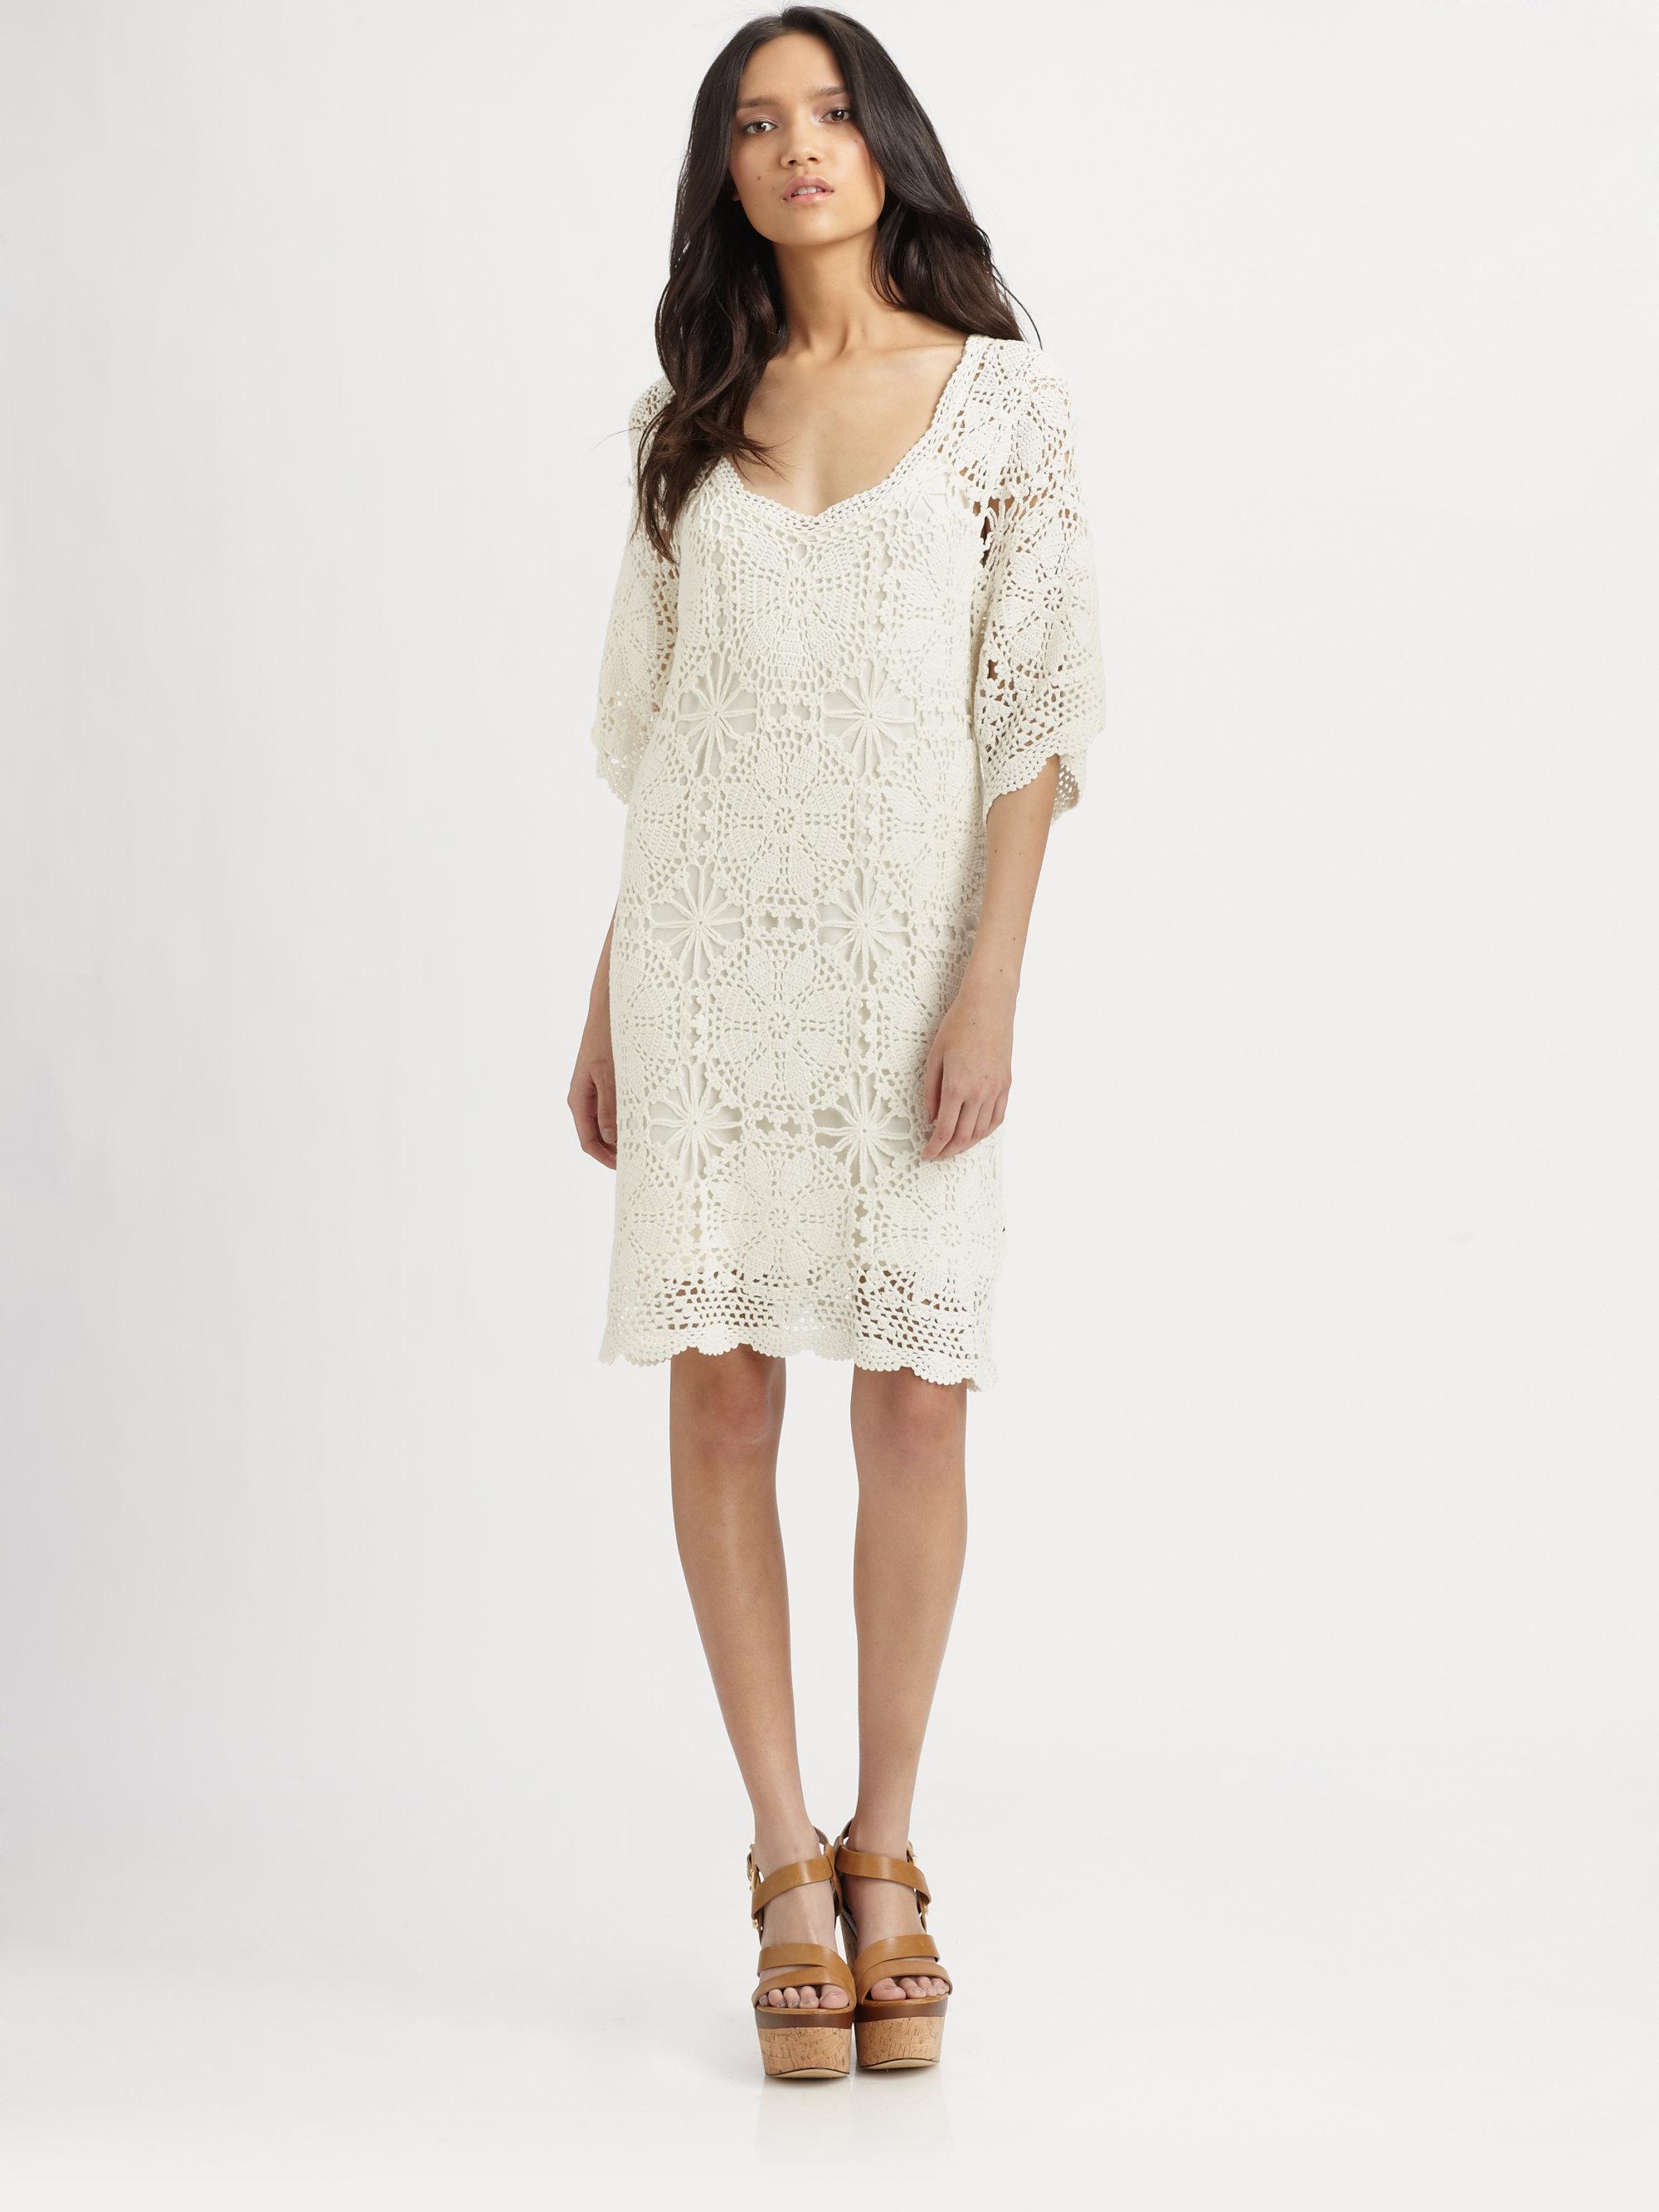 Semi sheer lace dress